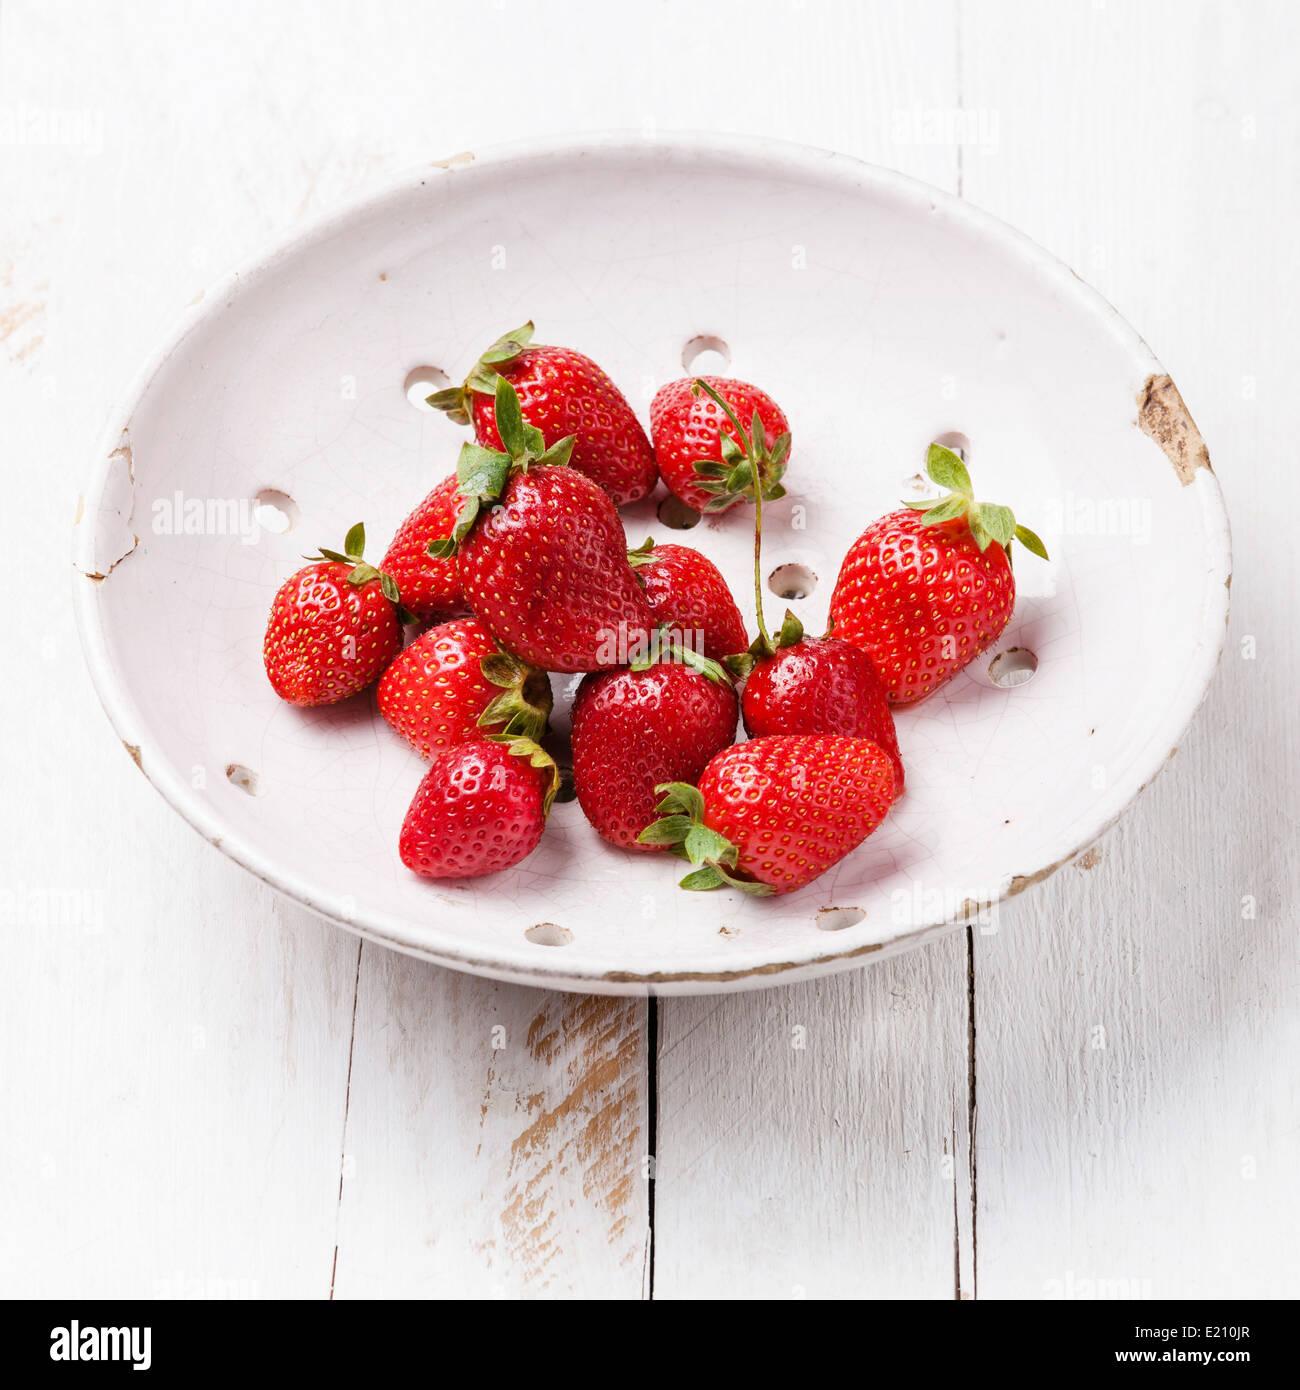 La fraise au Vintage passoire en céramique blanche sur fond de bois Photo Stock